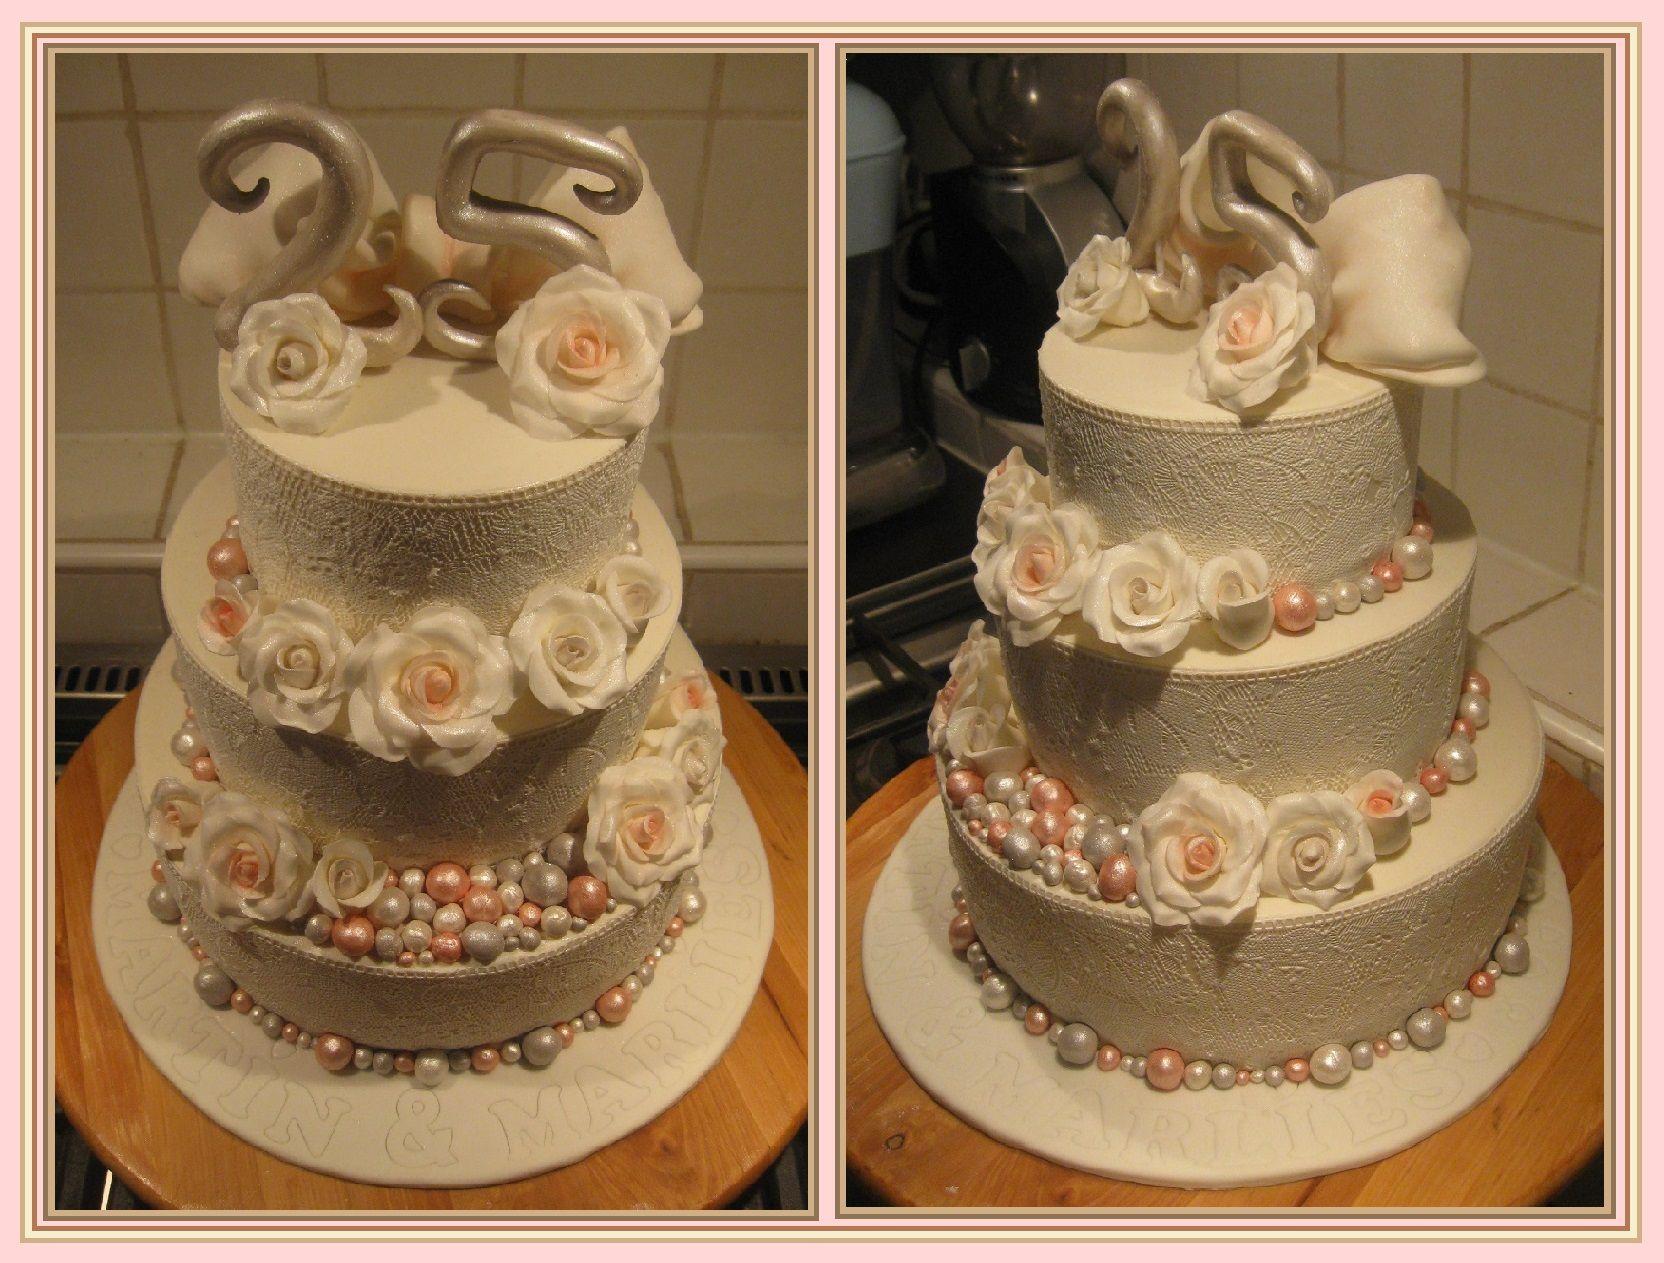 Wonderbaarlijk 25 jaar getrouwd! Deze taart is gemaakt door www IK-93